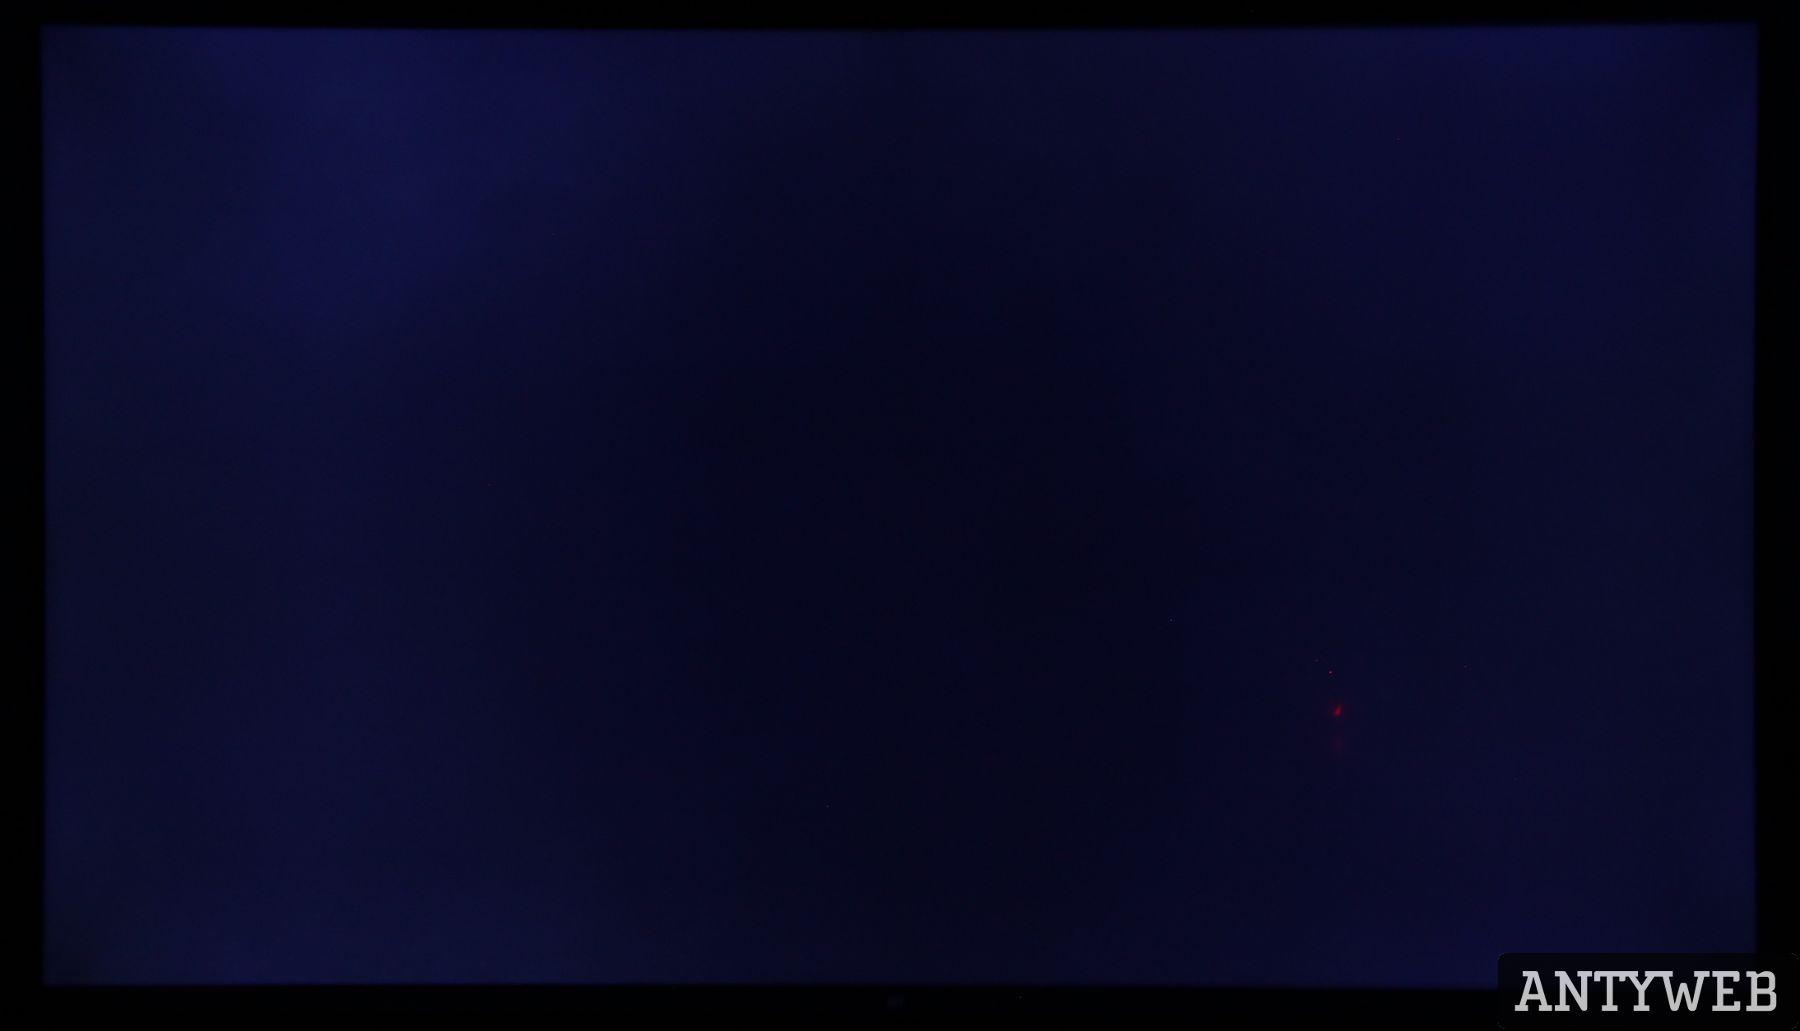 Xiaomi Mi TV 4S 55 jednorodność podświetlenia - czarny